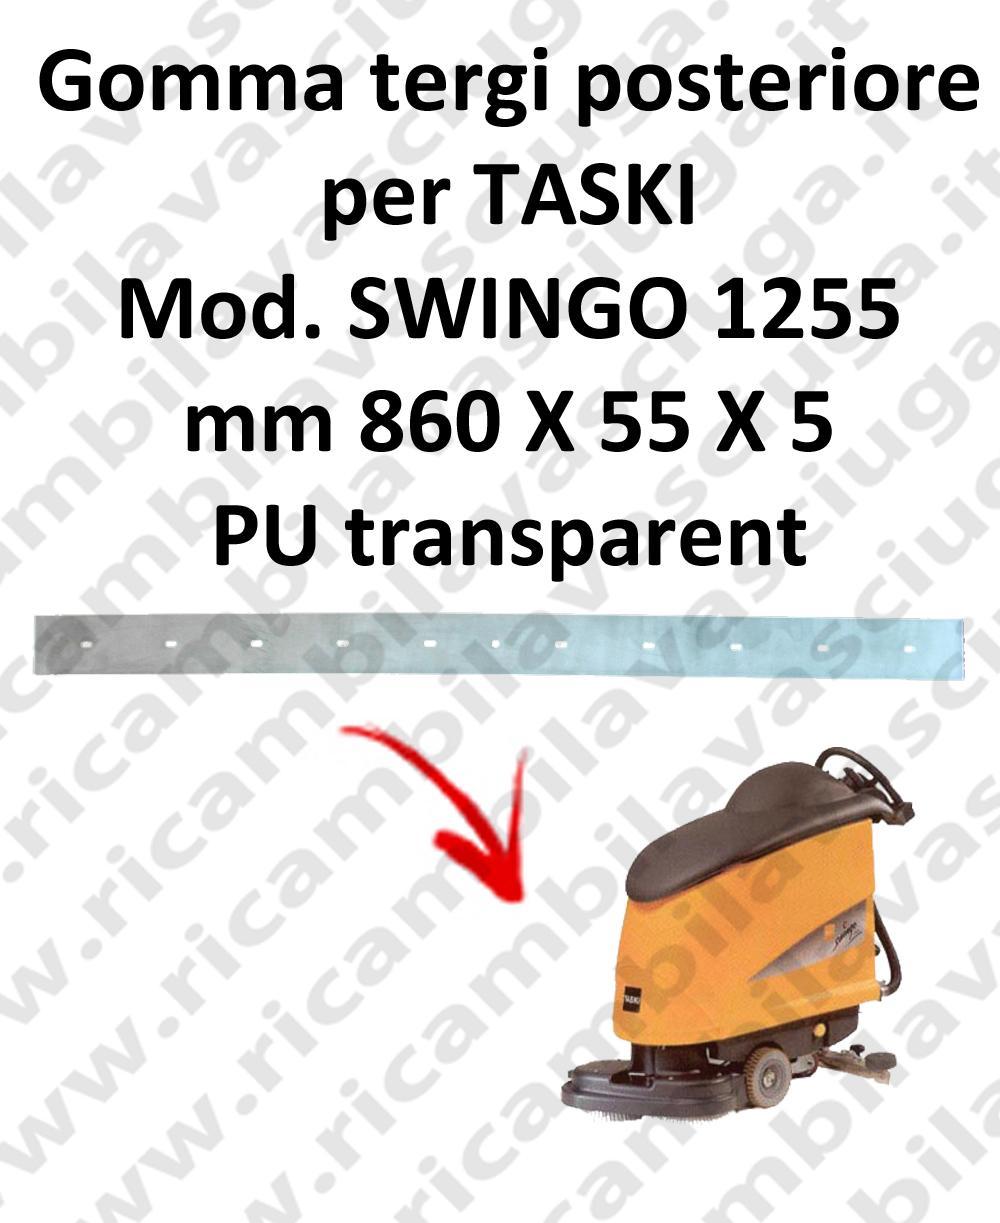 Gomma tergi posteriore per lavapavimenti TASKI modello SWINGO 1255